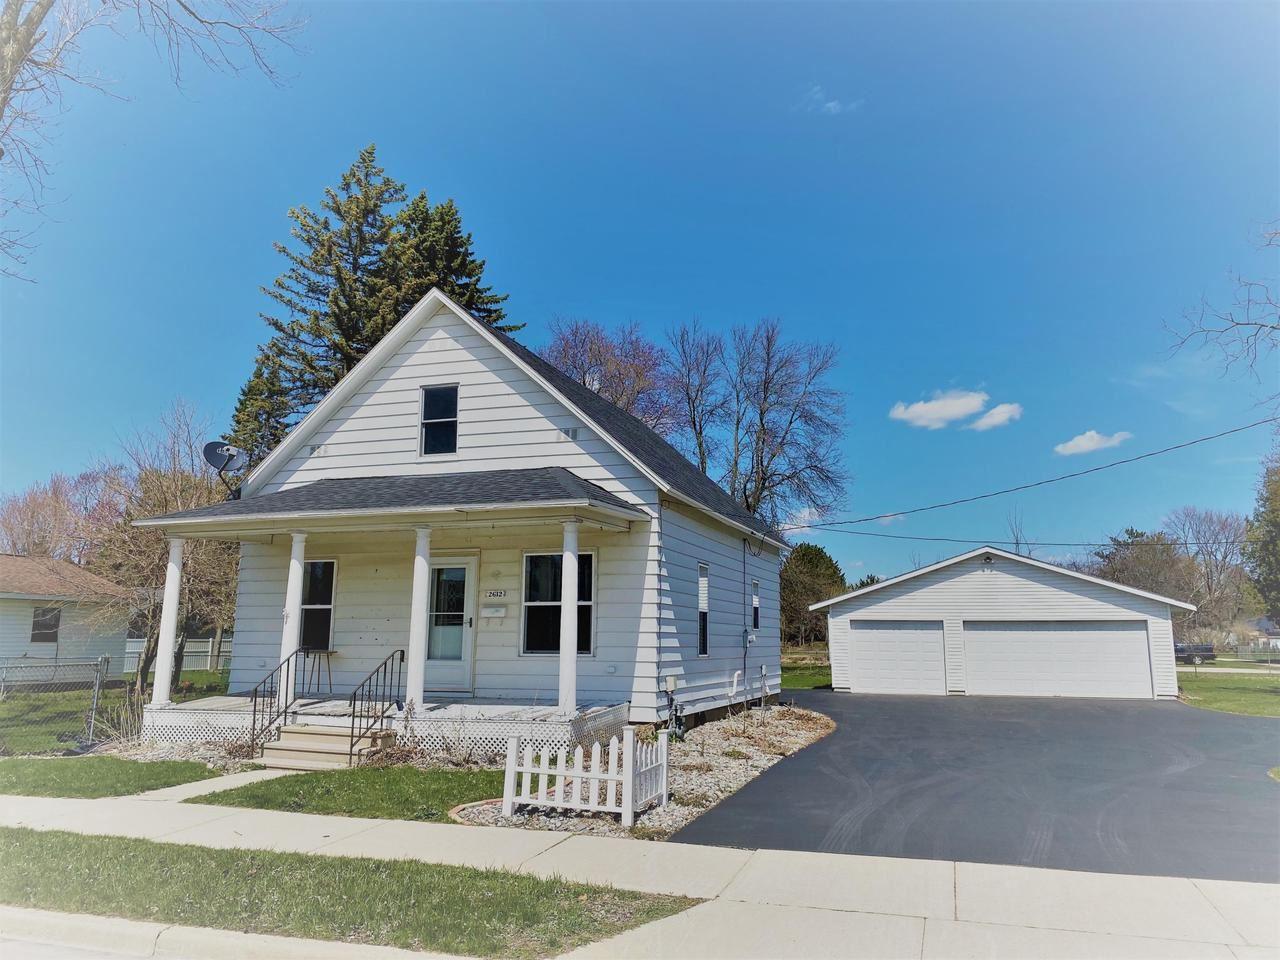 2612 Minnesota St, Marinette, WI 54143 - MLS#: 1687357